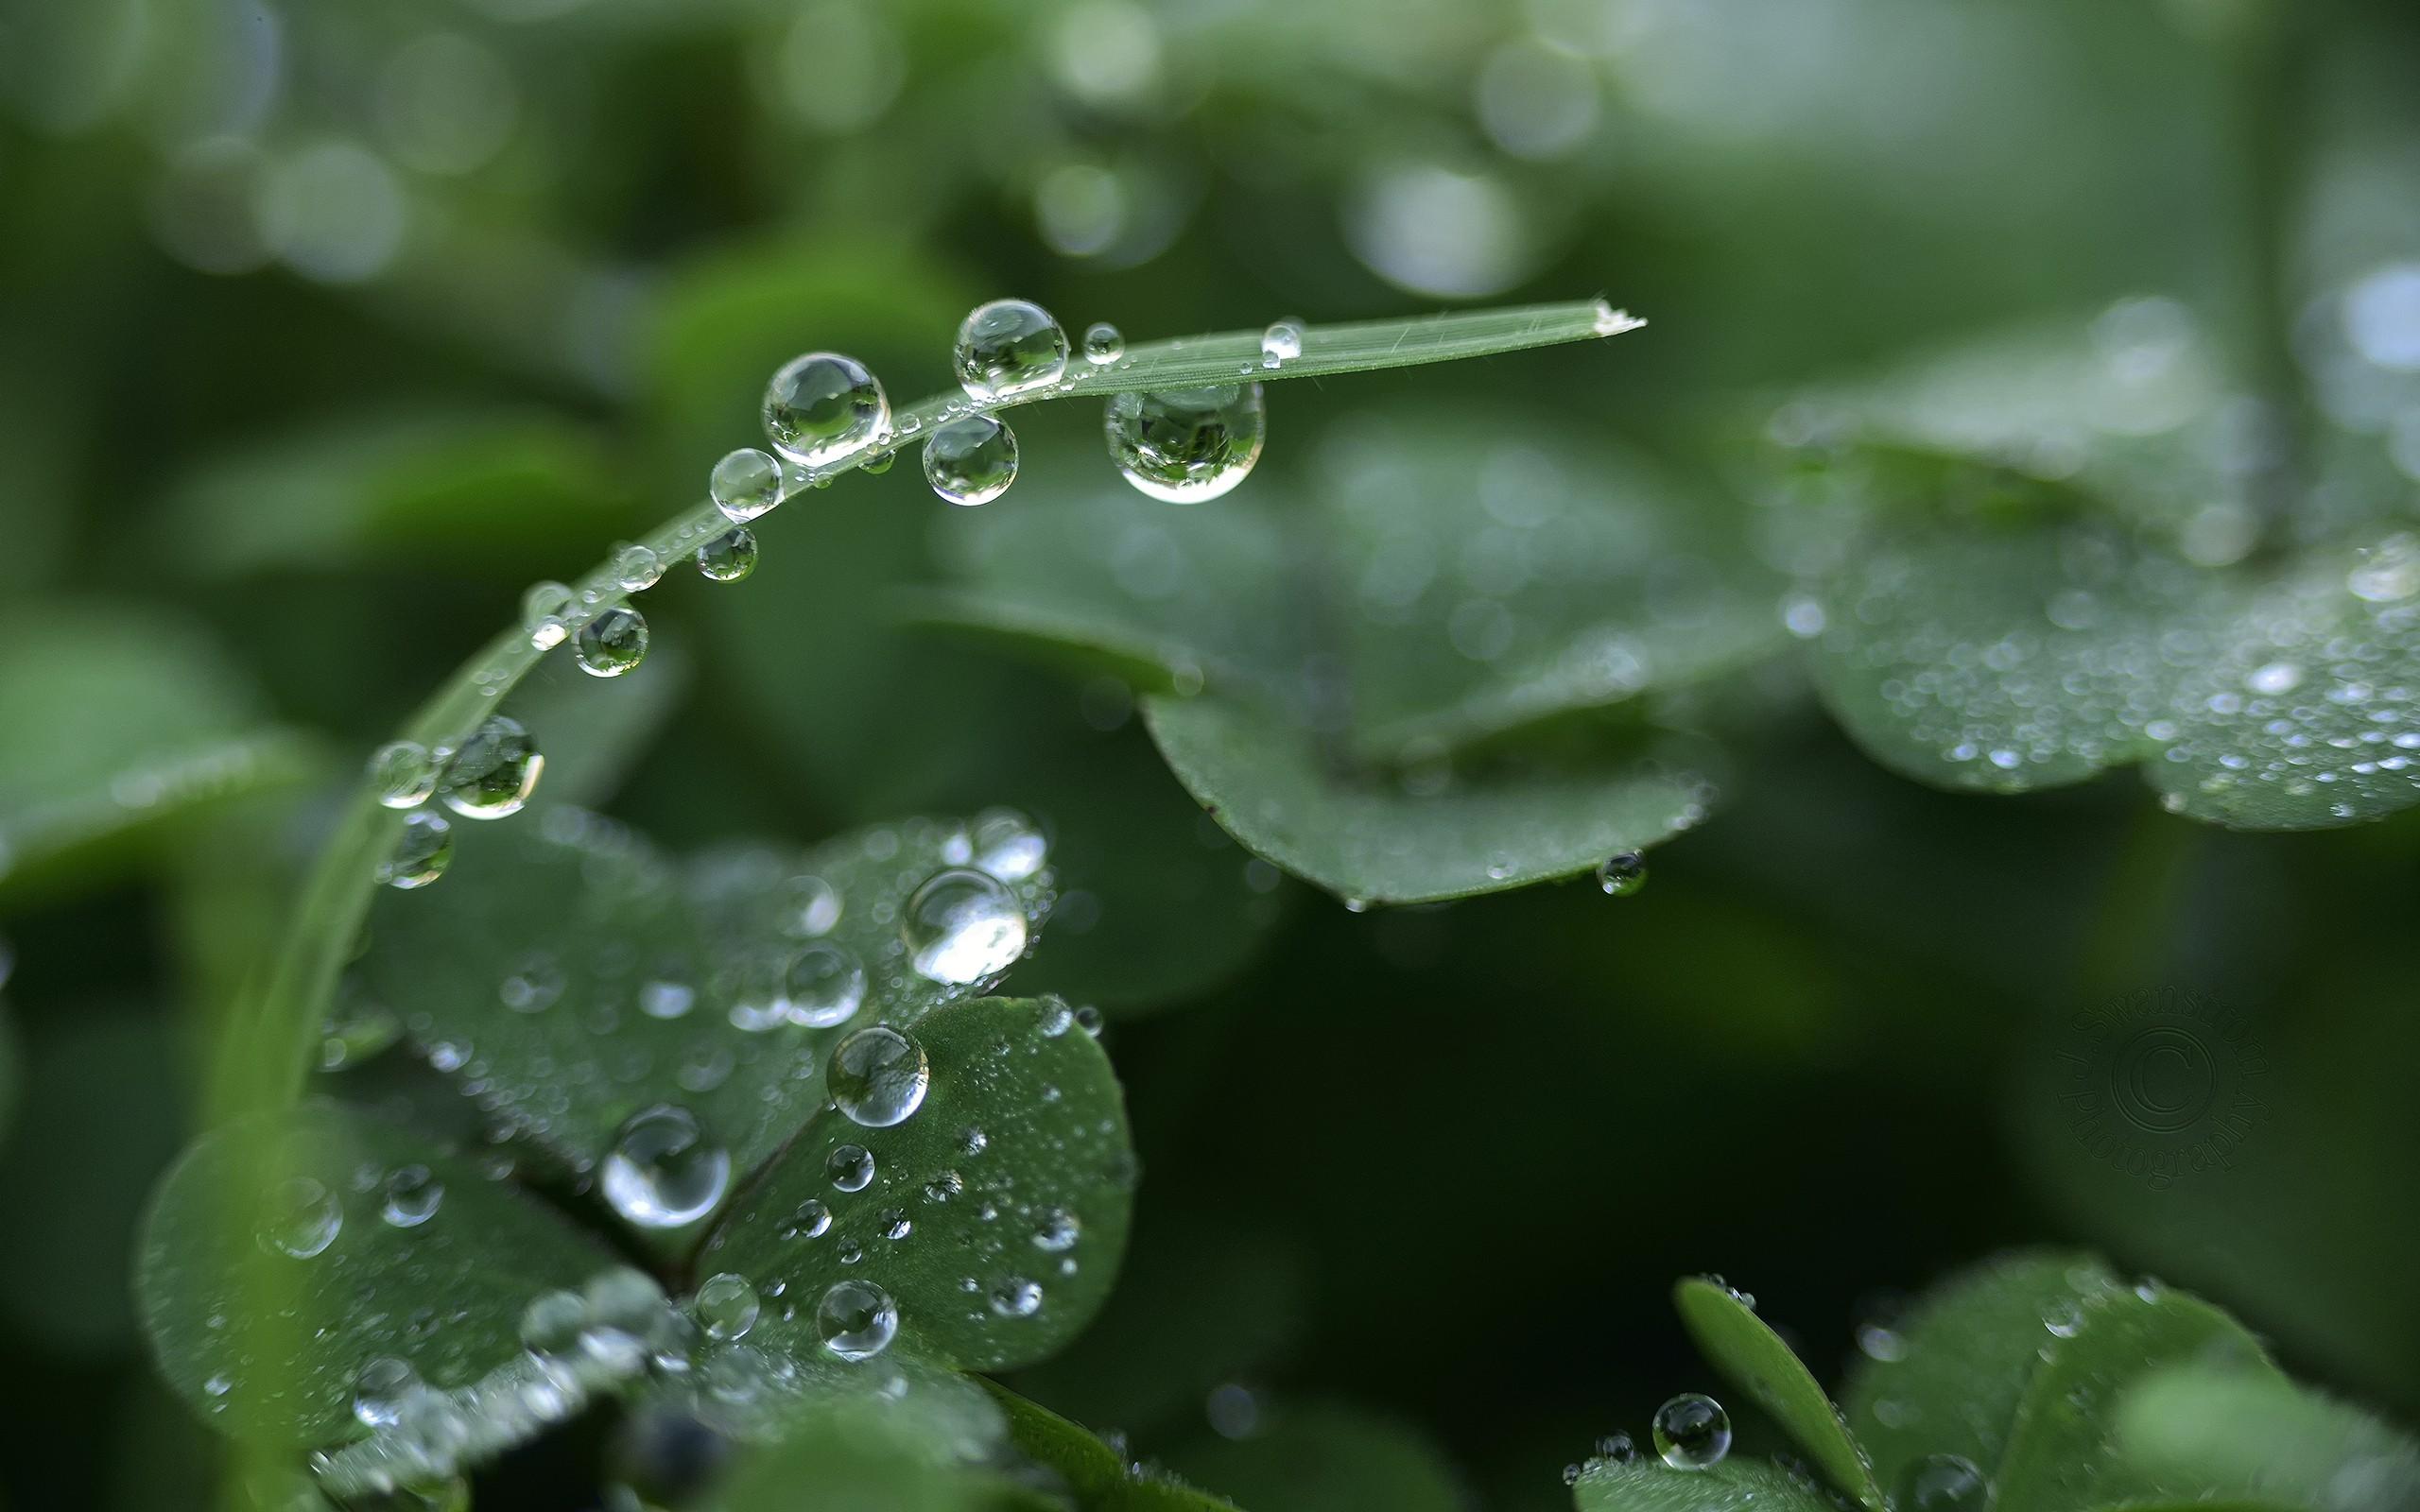 карина картинки с каплями на растении мой